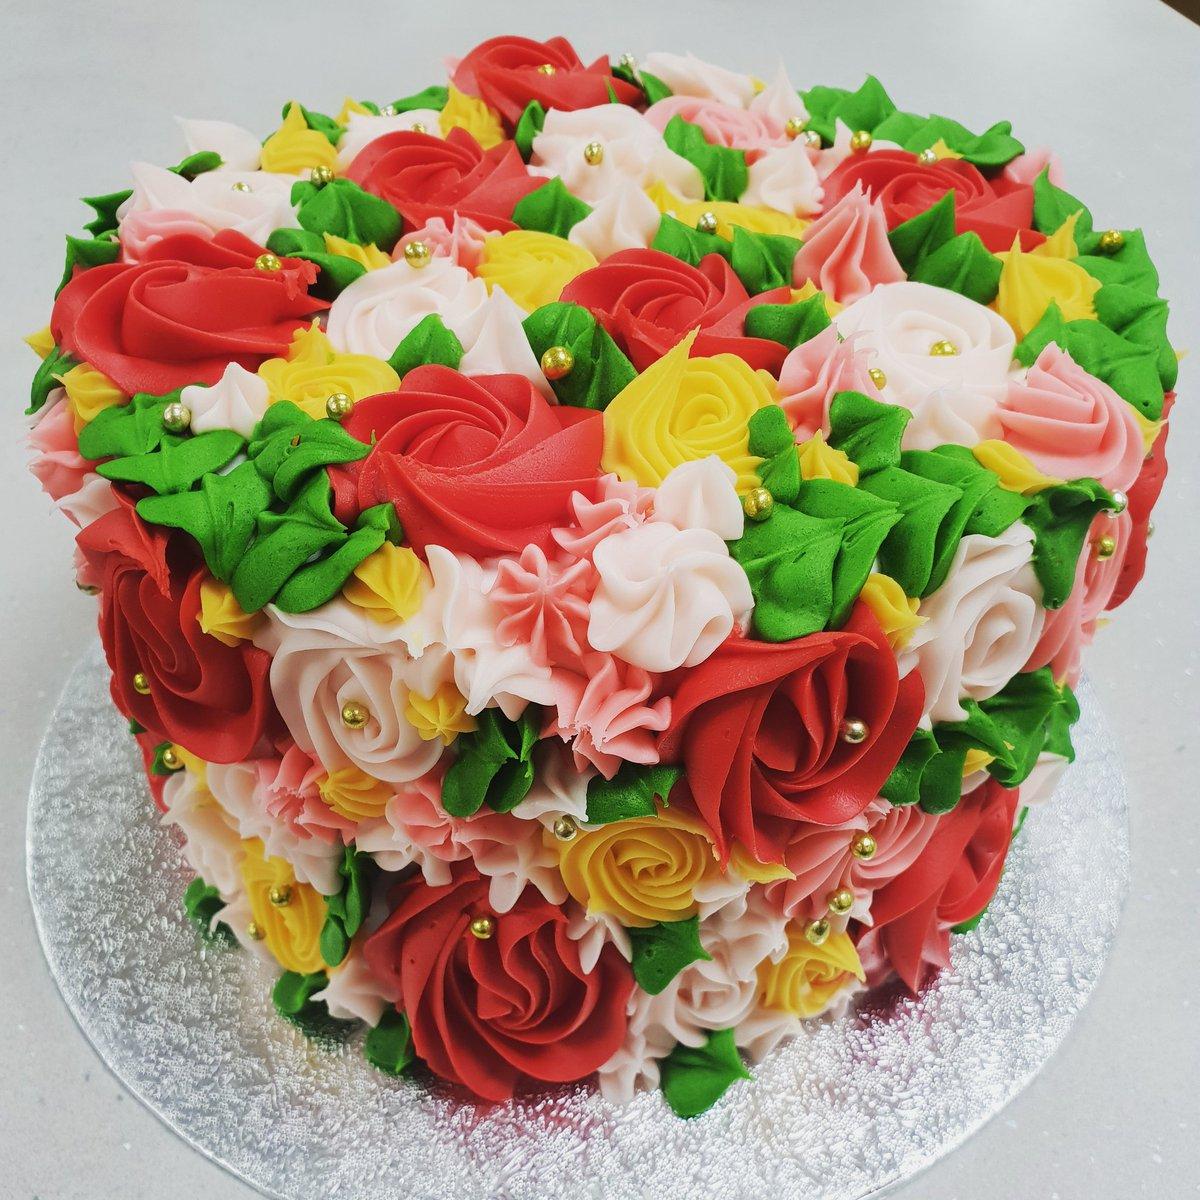 Cake Cakes Flowers Birthday Valentines Tuesday Treats Cakebouquet Nottingham Nottsindie Nottinghamindependents Nottinghamuniversity